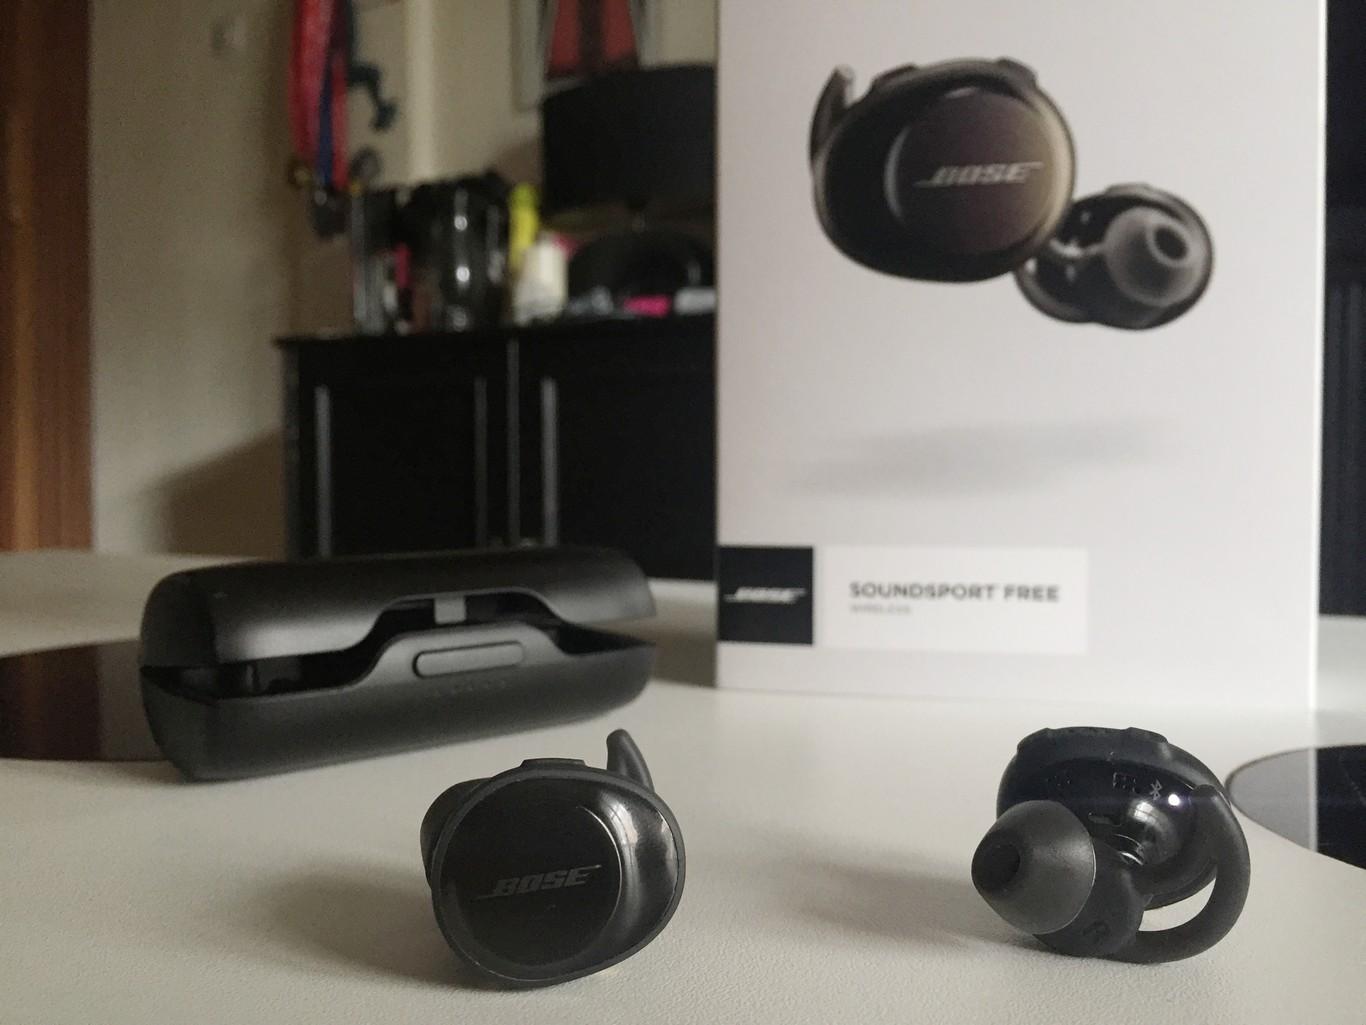 SoundSport Free de Bose: análisis de los auriculares